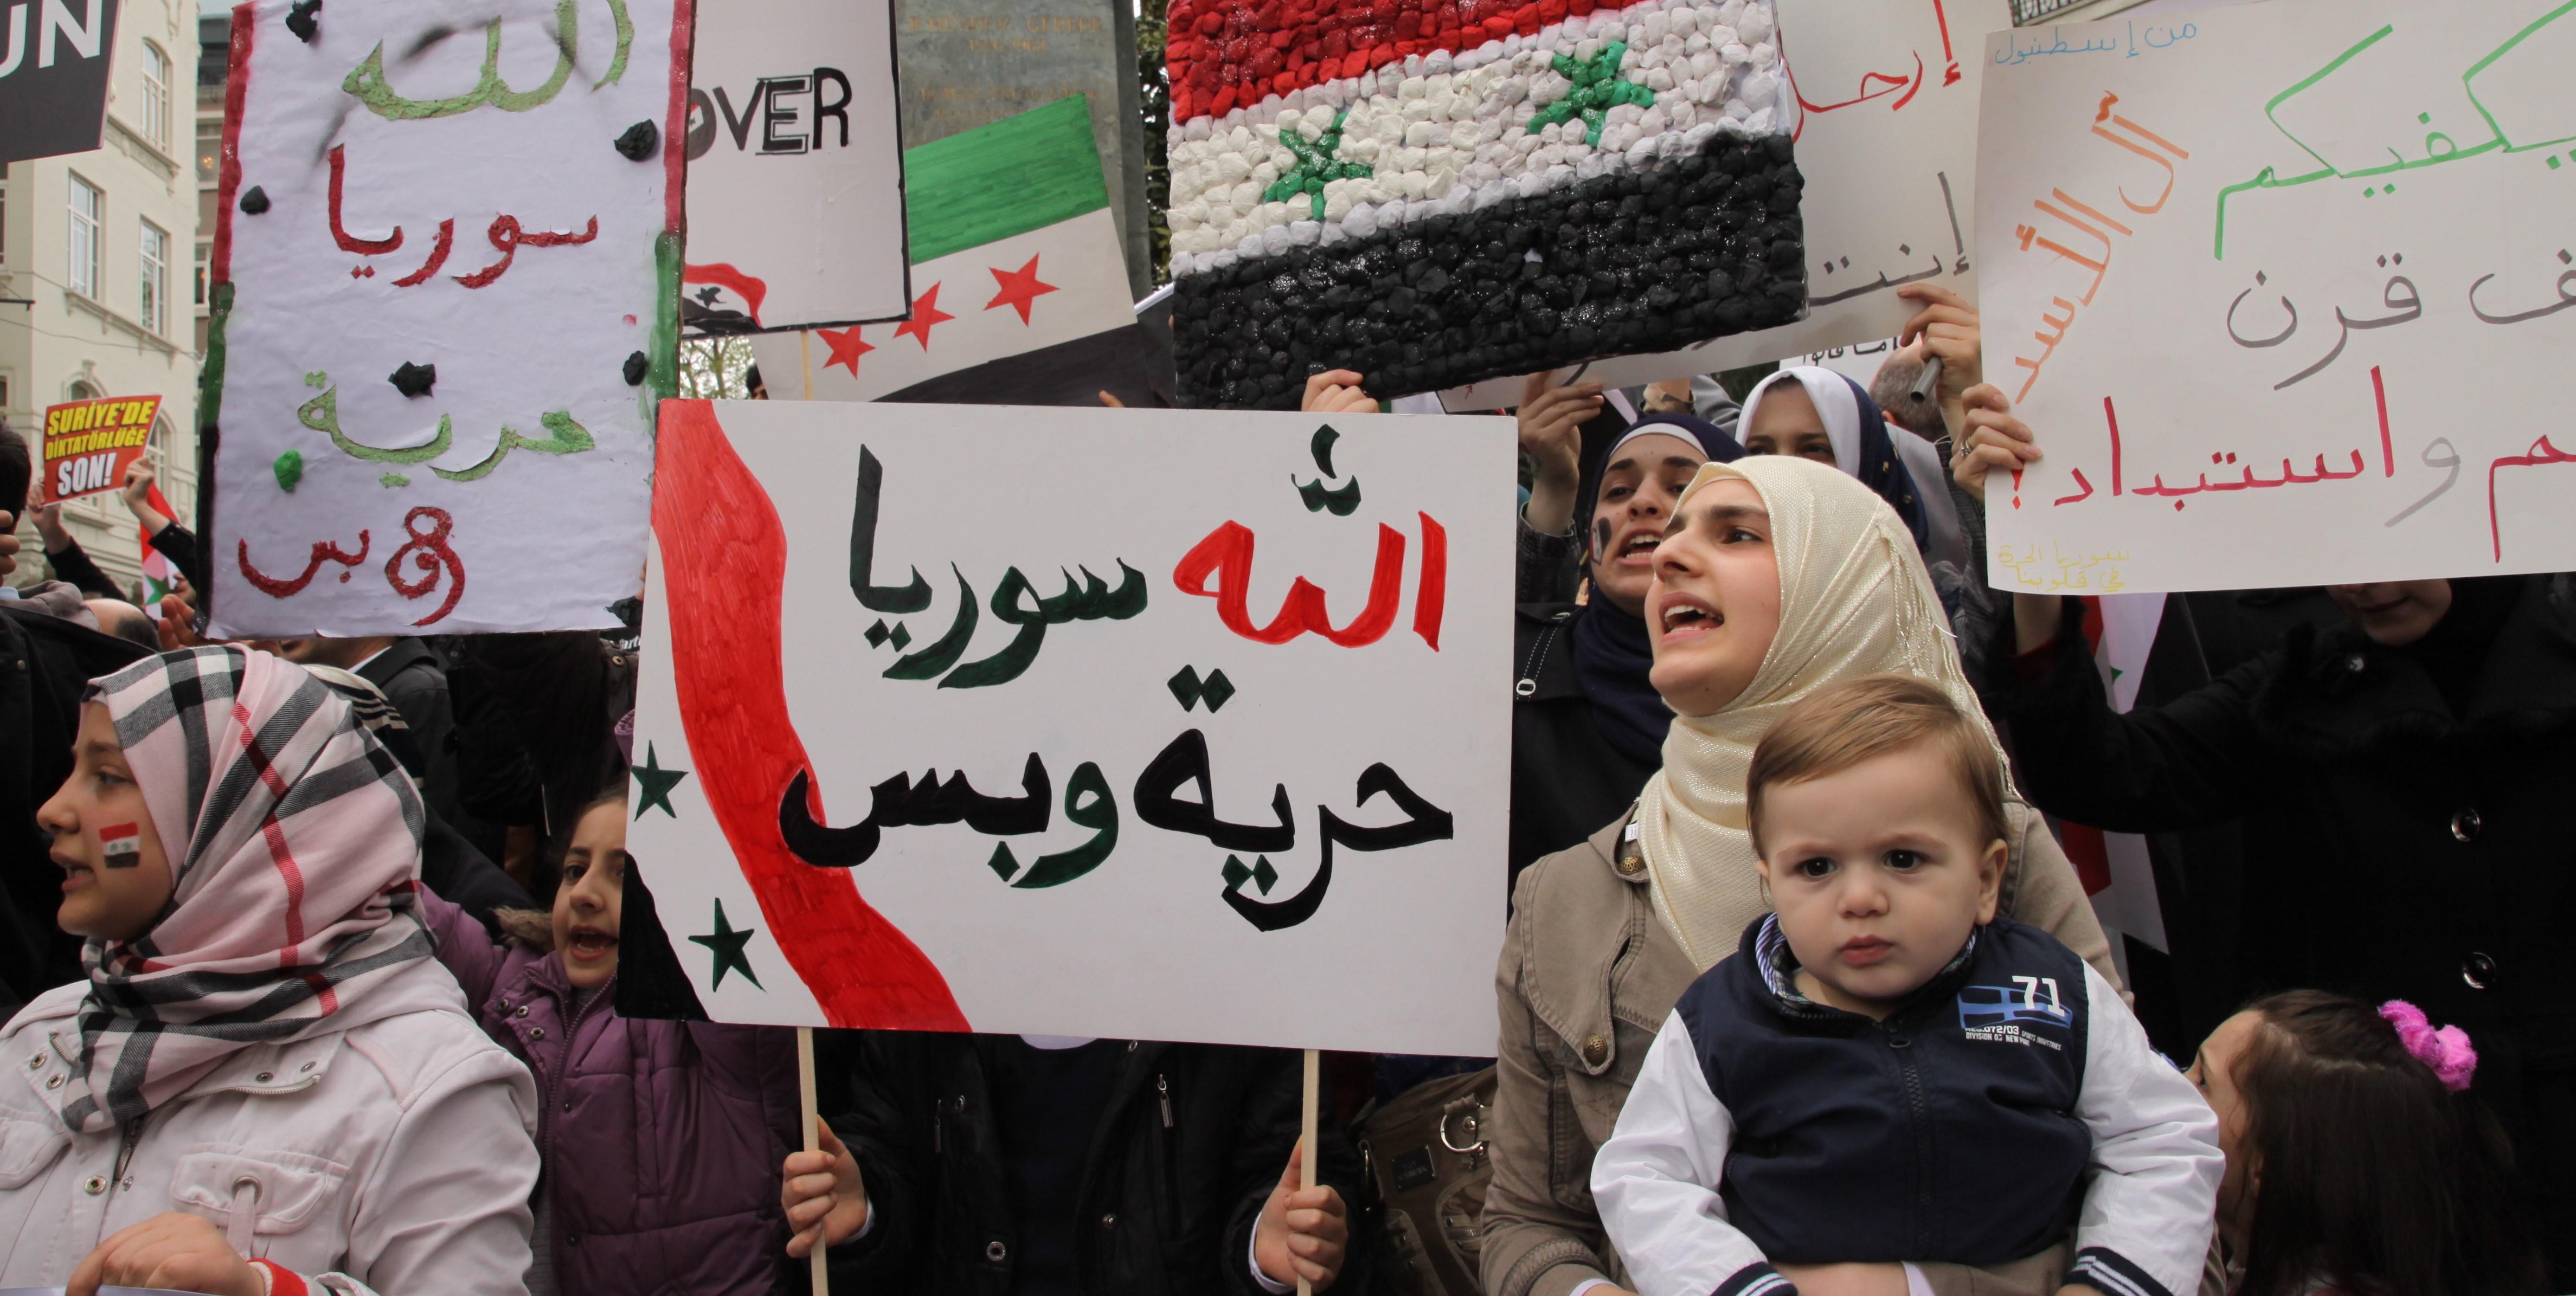 Syyrialainen nainen mielenosoituksessa